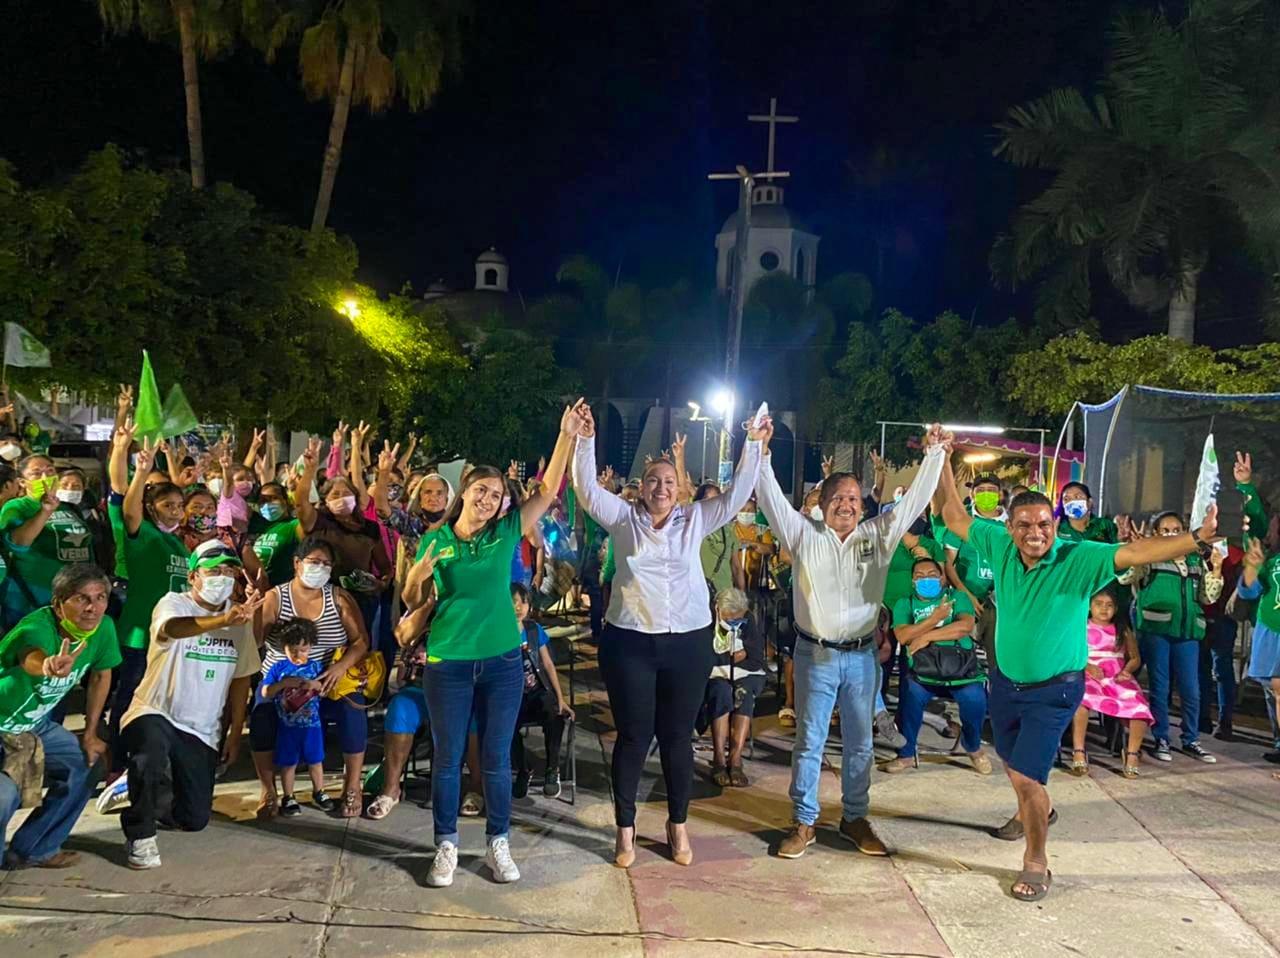 Irene Herrera: Ganamos el debate con las mejores propuestas a favor de la gente